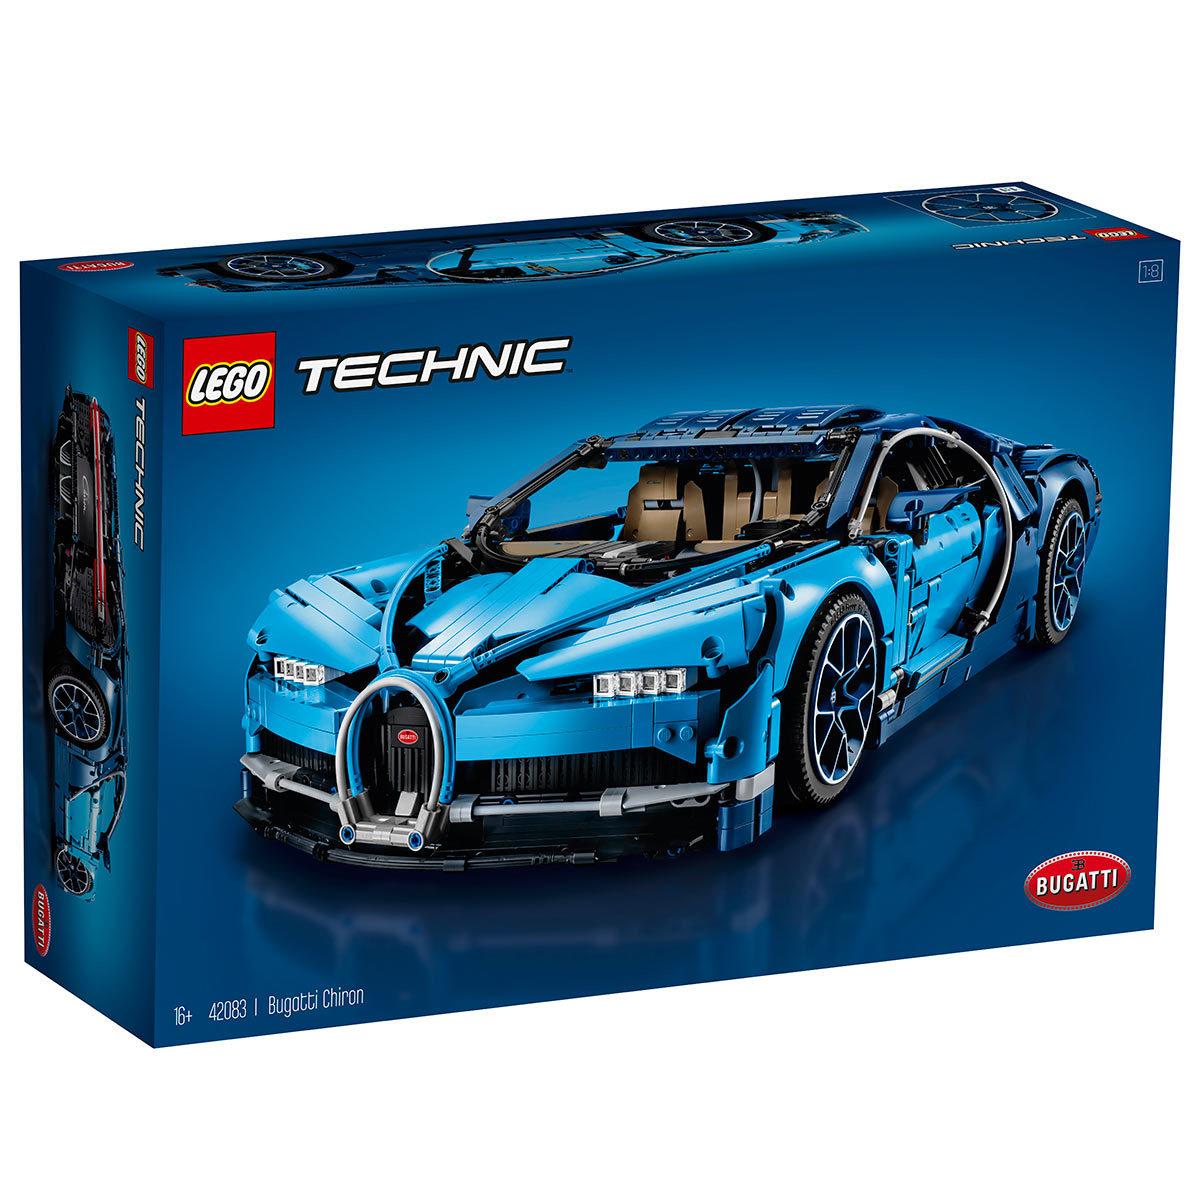 LEGO Technic Bugatti Chiron - Model 42083 - COSTCO online !! £249.99 (Price Incl VAT & Delivery)